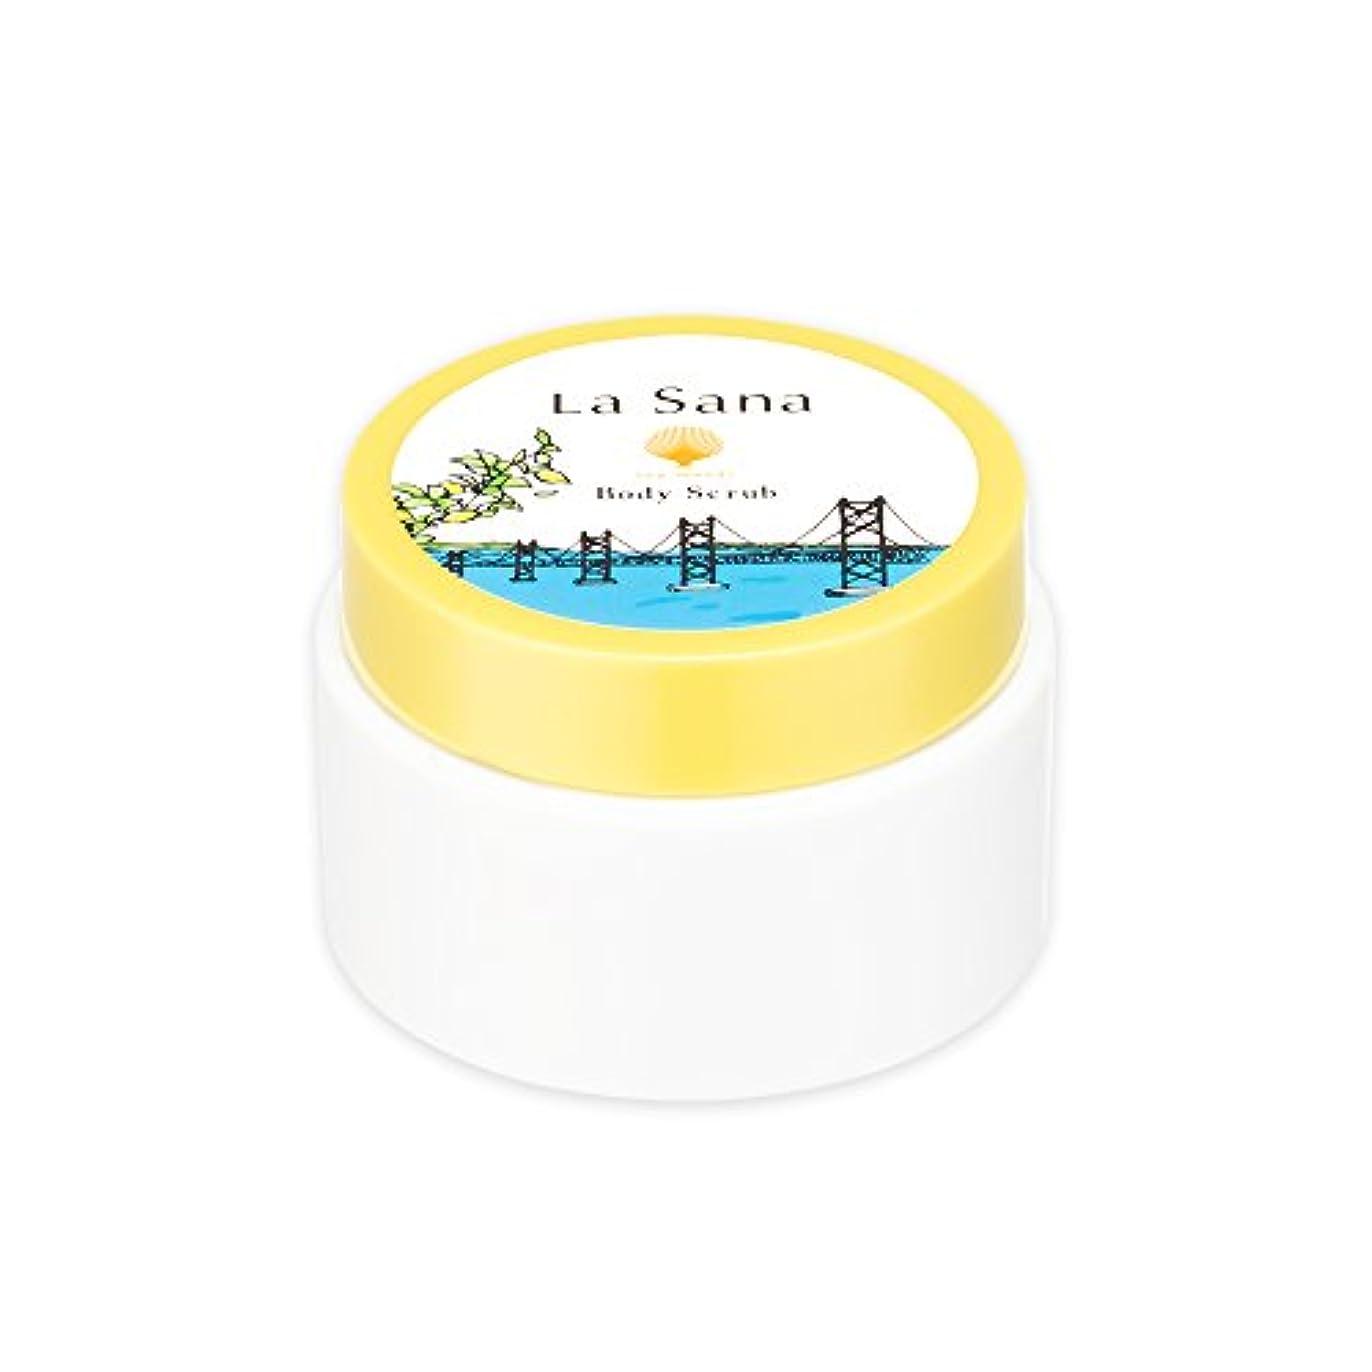 特別なボトルネックインペリアルラサーナ La sana 海藻 ボディ スクラブ 100g 限定 瀬戸内レモンの香り ボディケア 日本製 (約1ヵ月分)